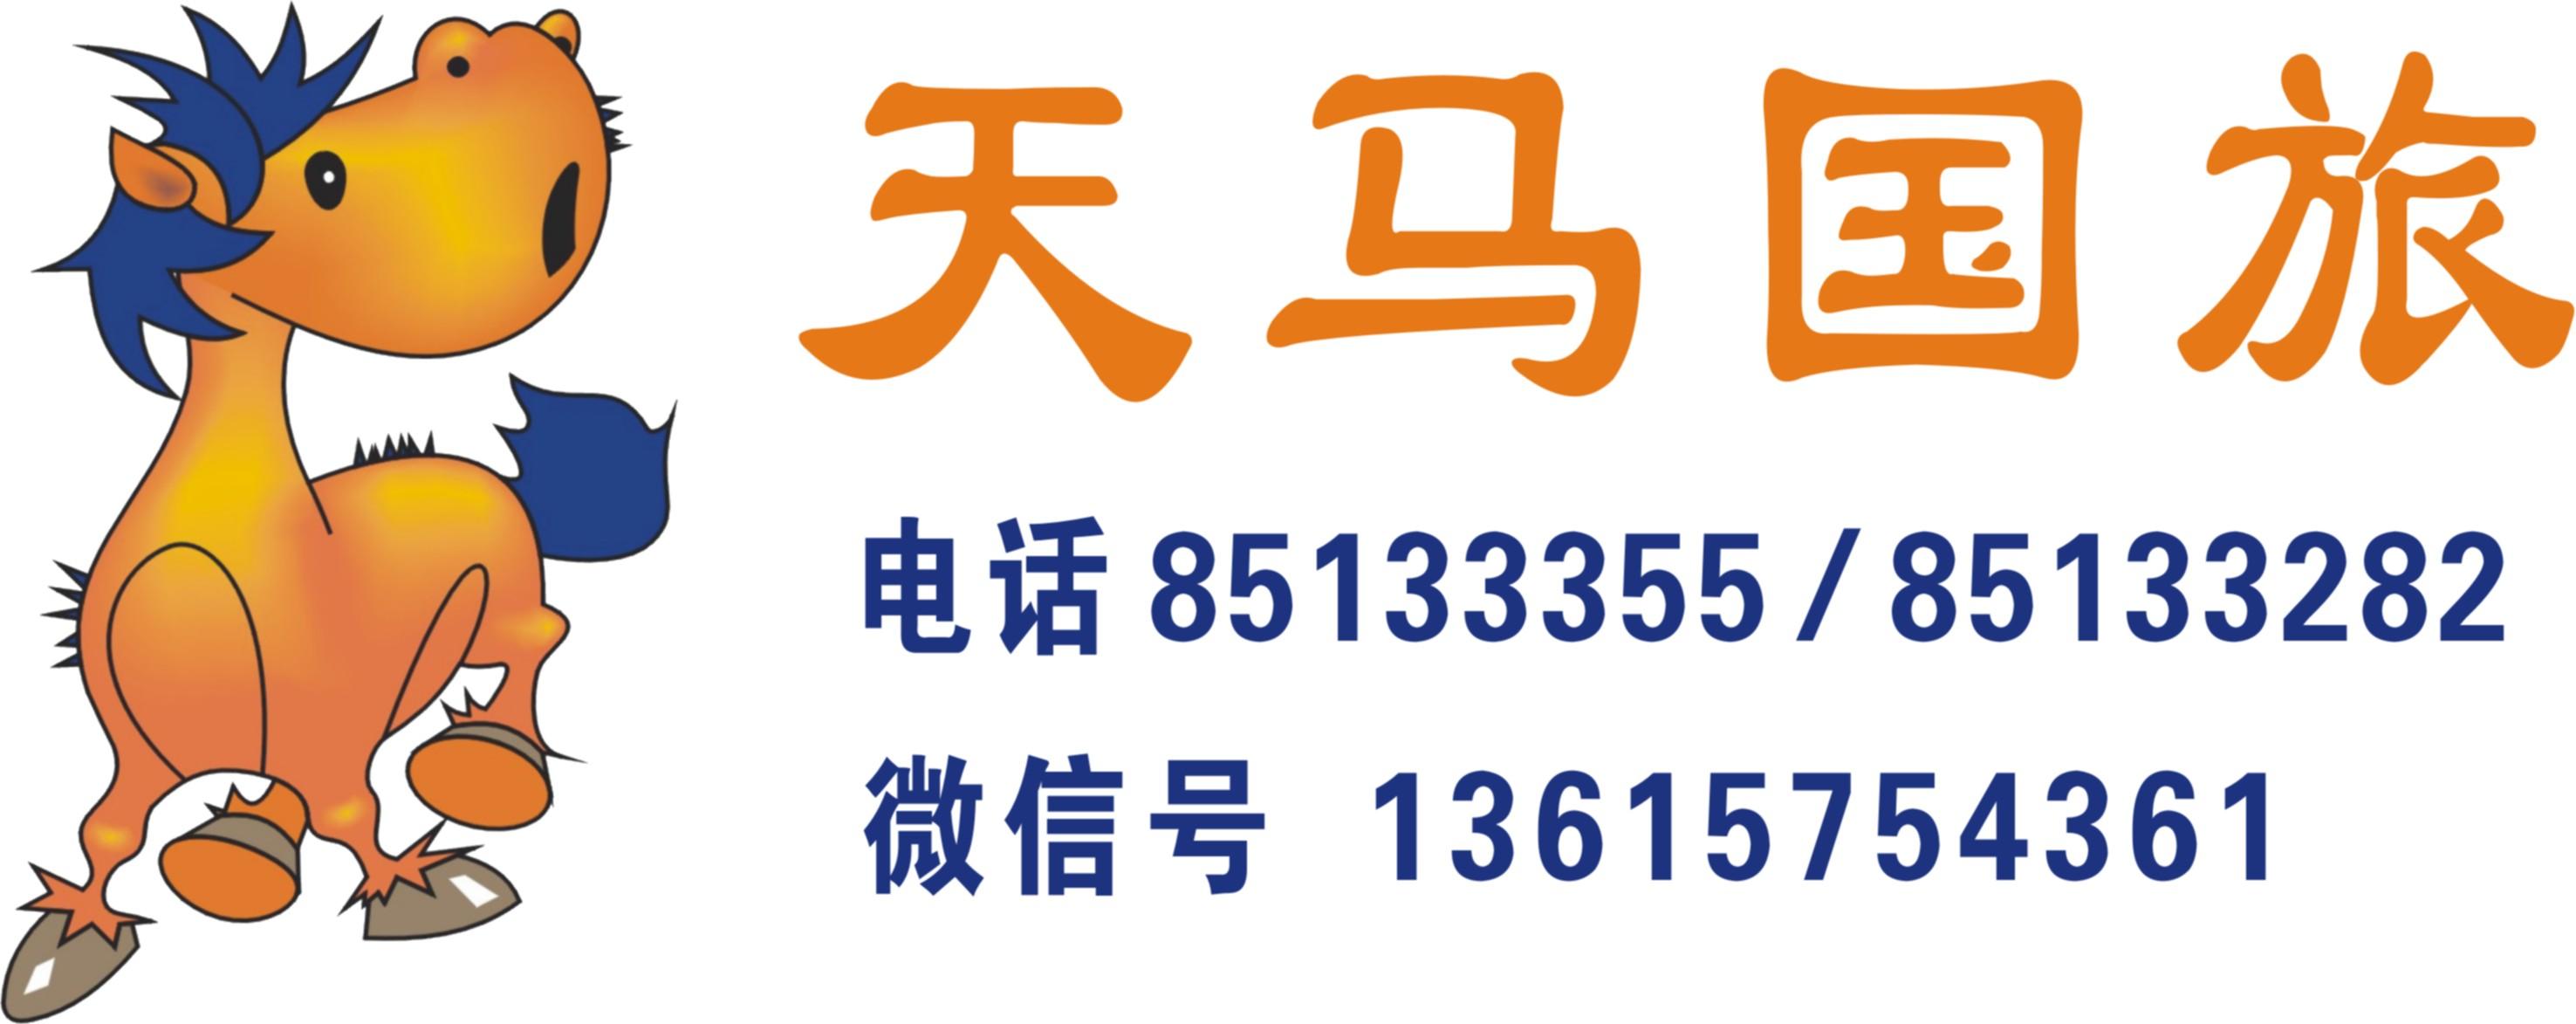 4.24【夕阳红无锡灵山大佛、观新梵宫、吉祥颂祈福特价一日】